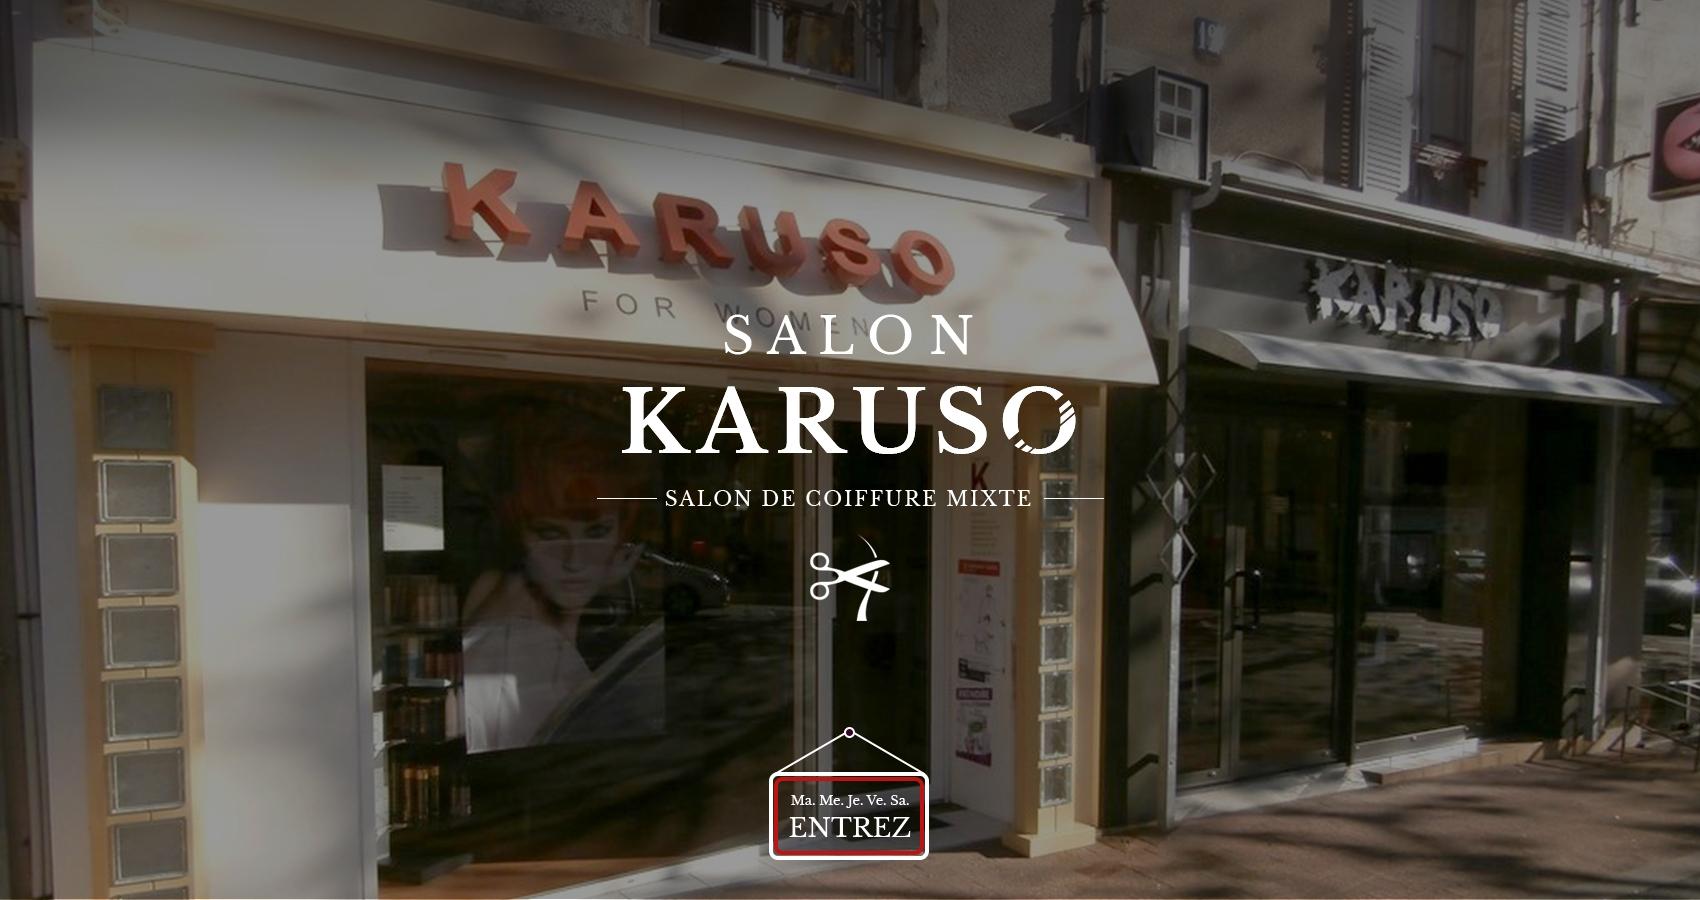 Karuso à Saint-Maixent-l'Ecole